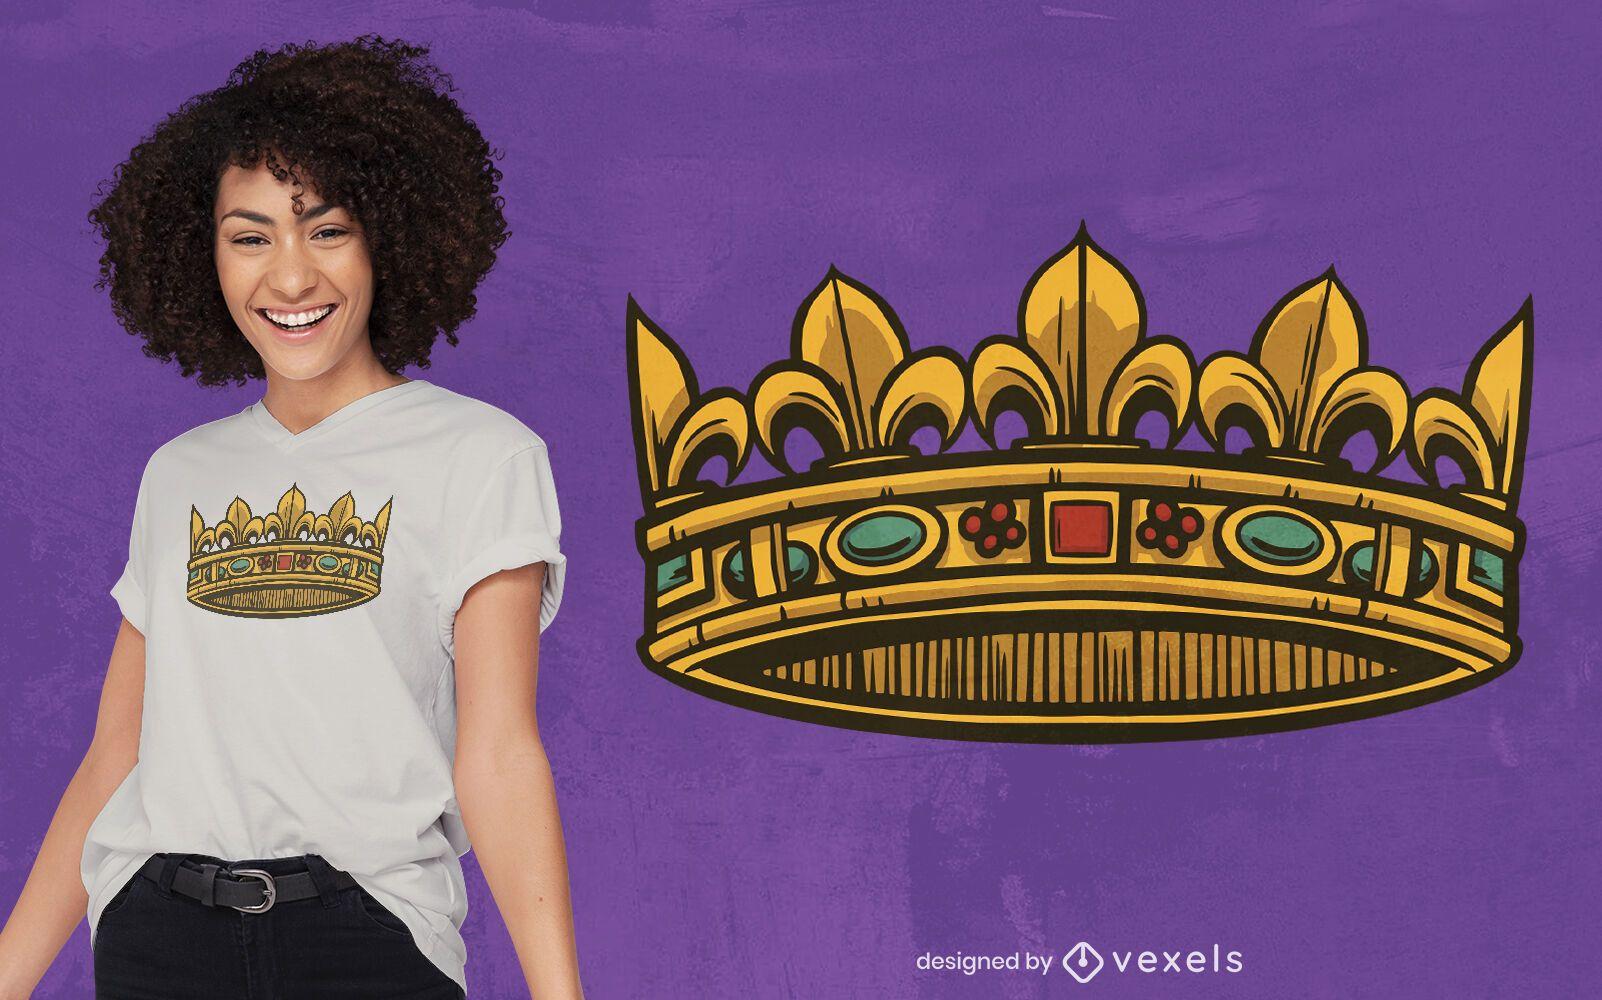 Golden crown t-shirt design